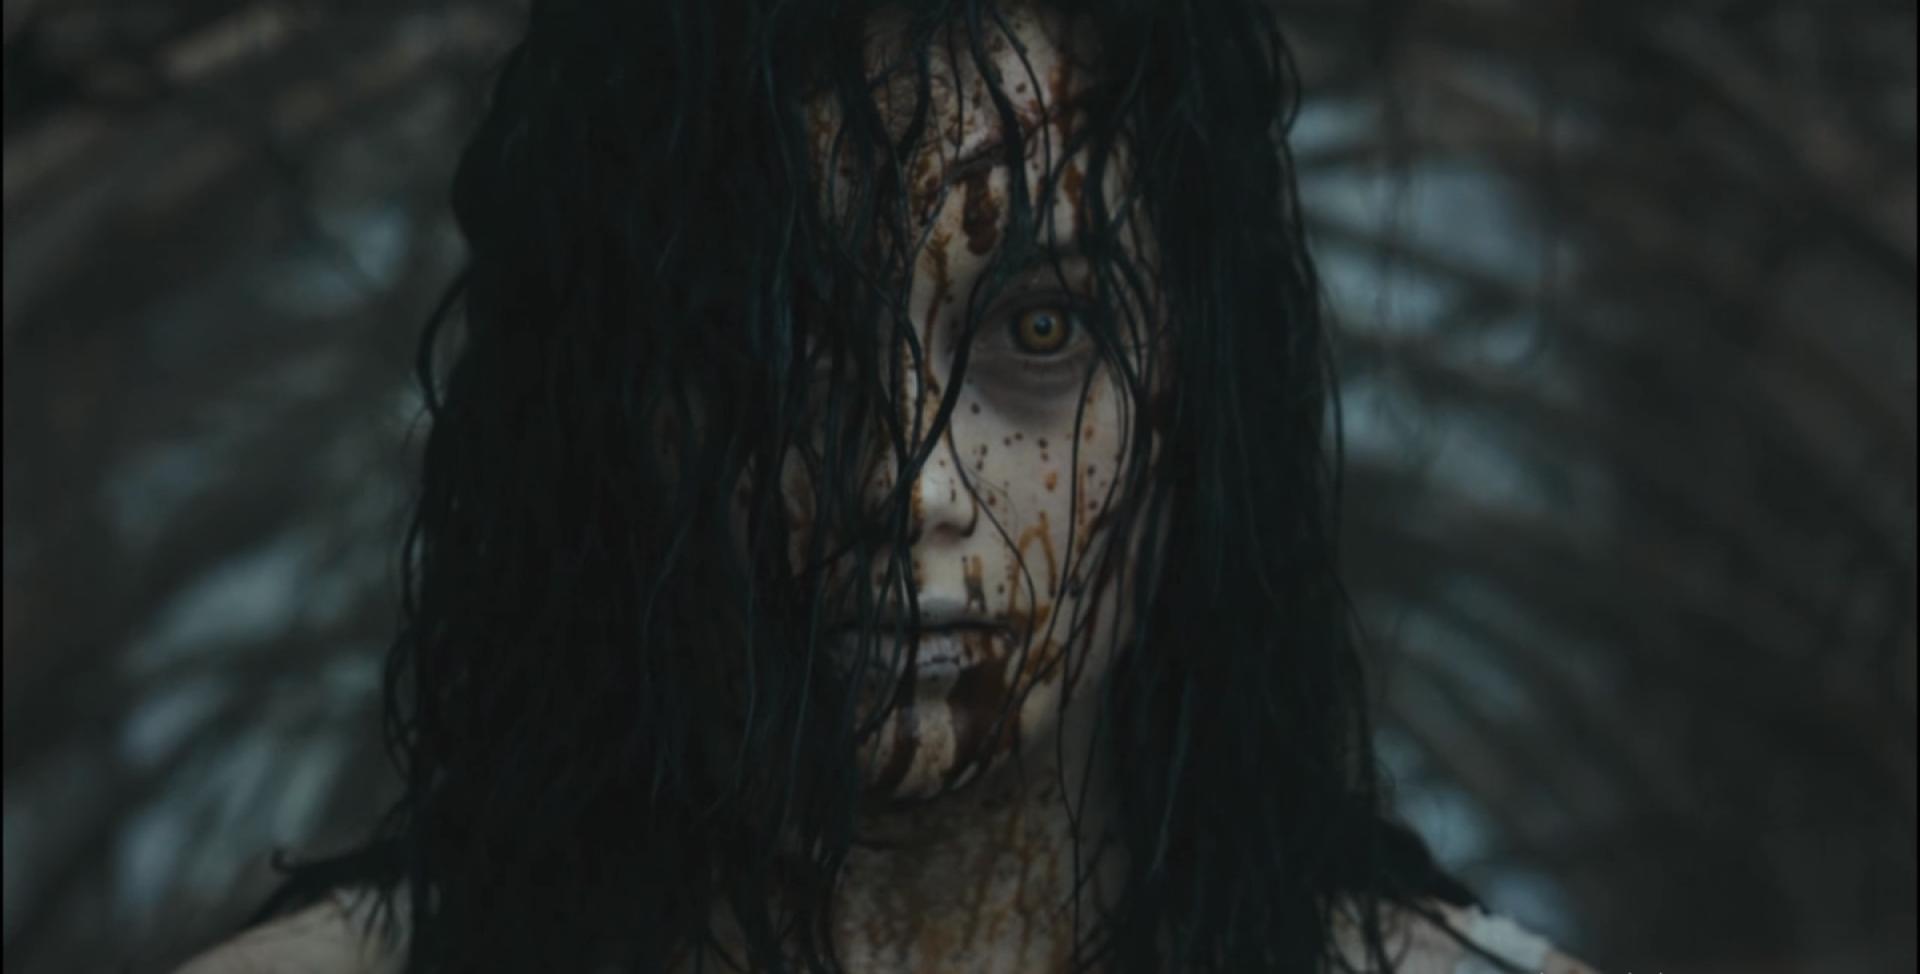 evtized_horrorfilmjei_4_kep